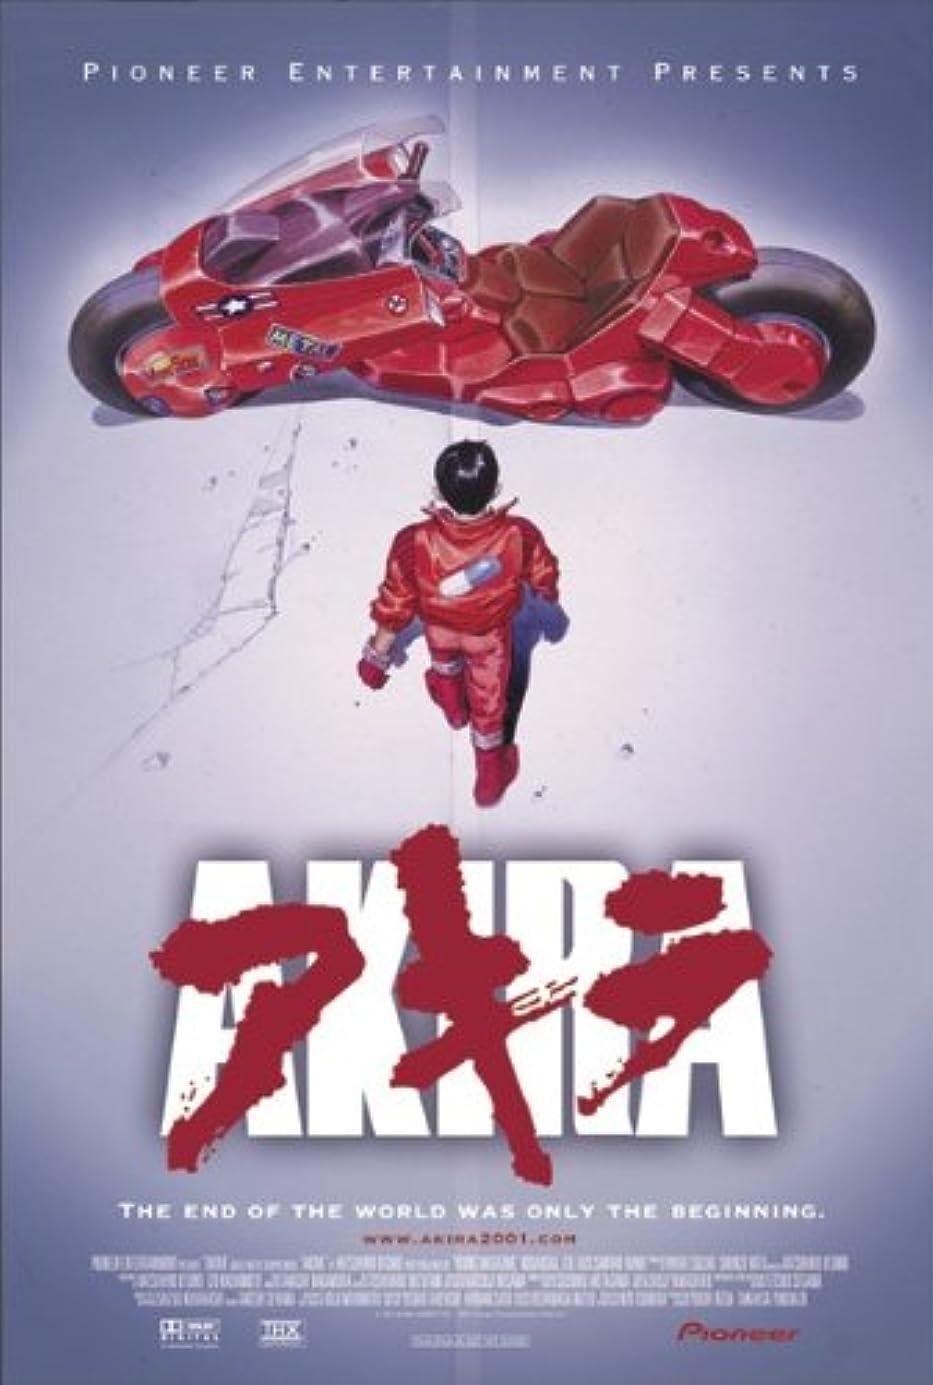 安らぎ出版リマークAkira 2001 Poster Re-Release (68cm x 101,5cm)